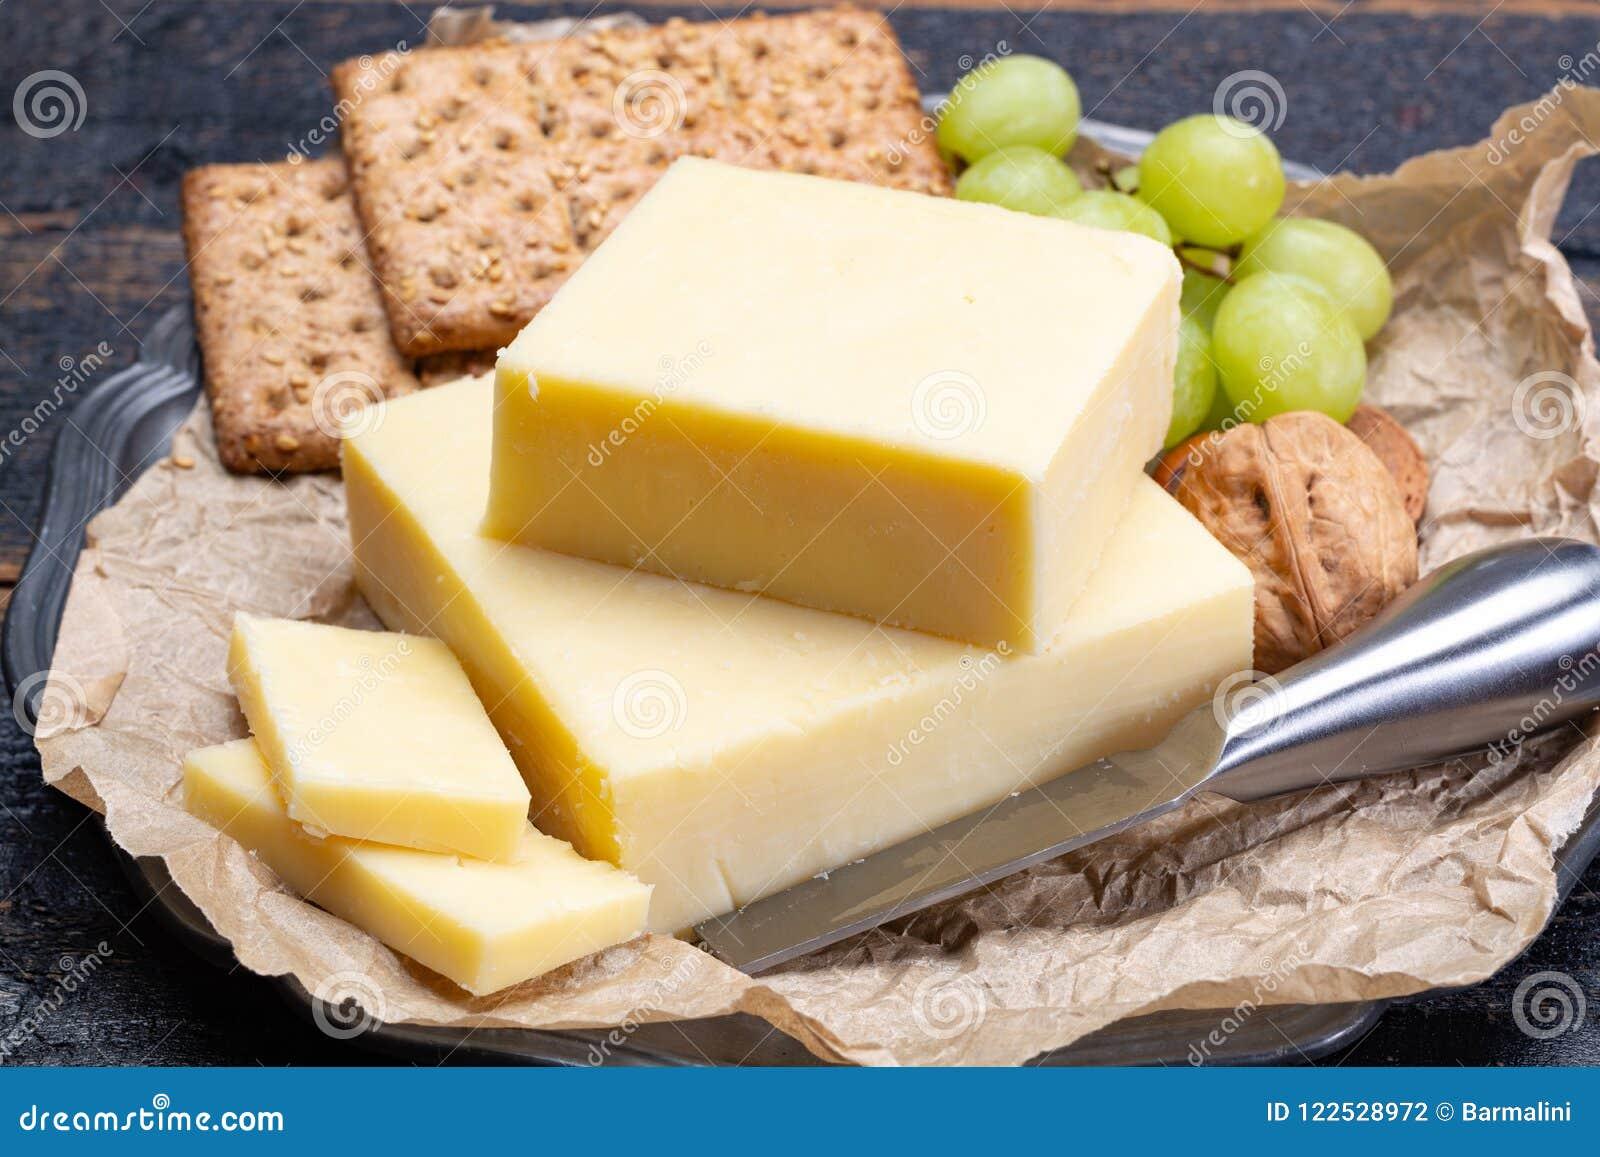 Блок постаретого сыра чеддера, самый популярный тип сыра внутри